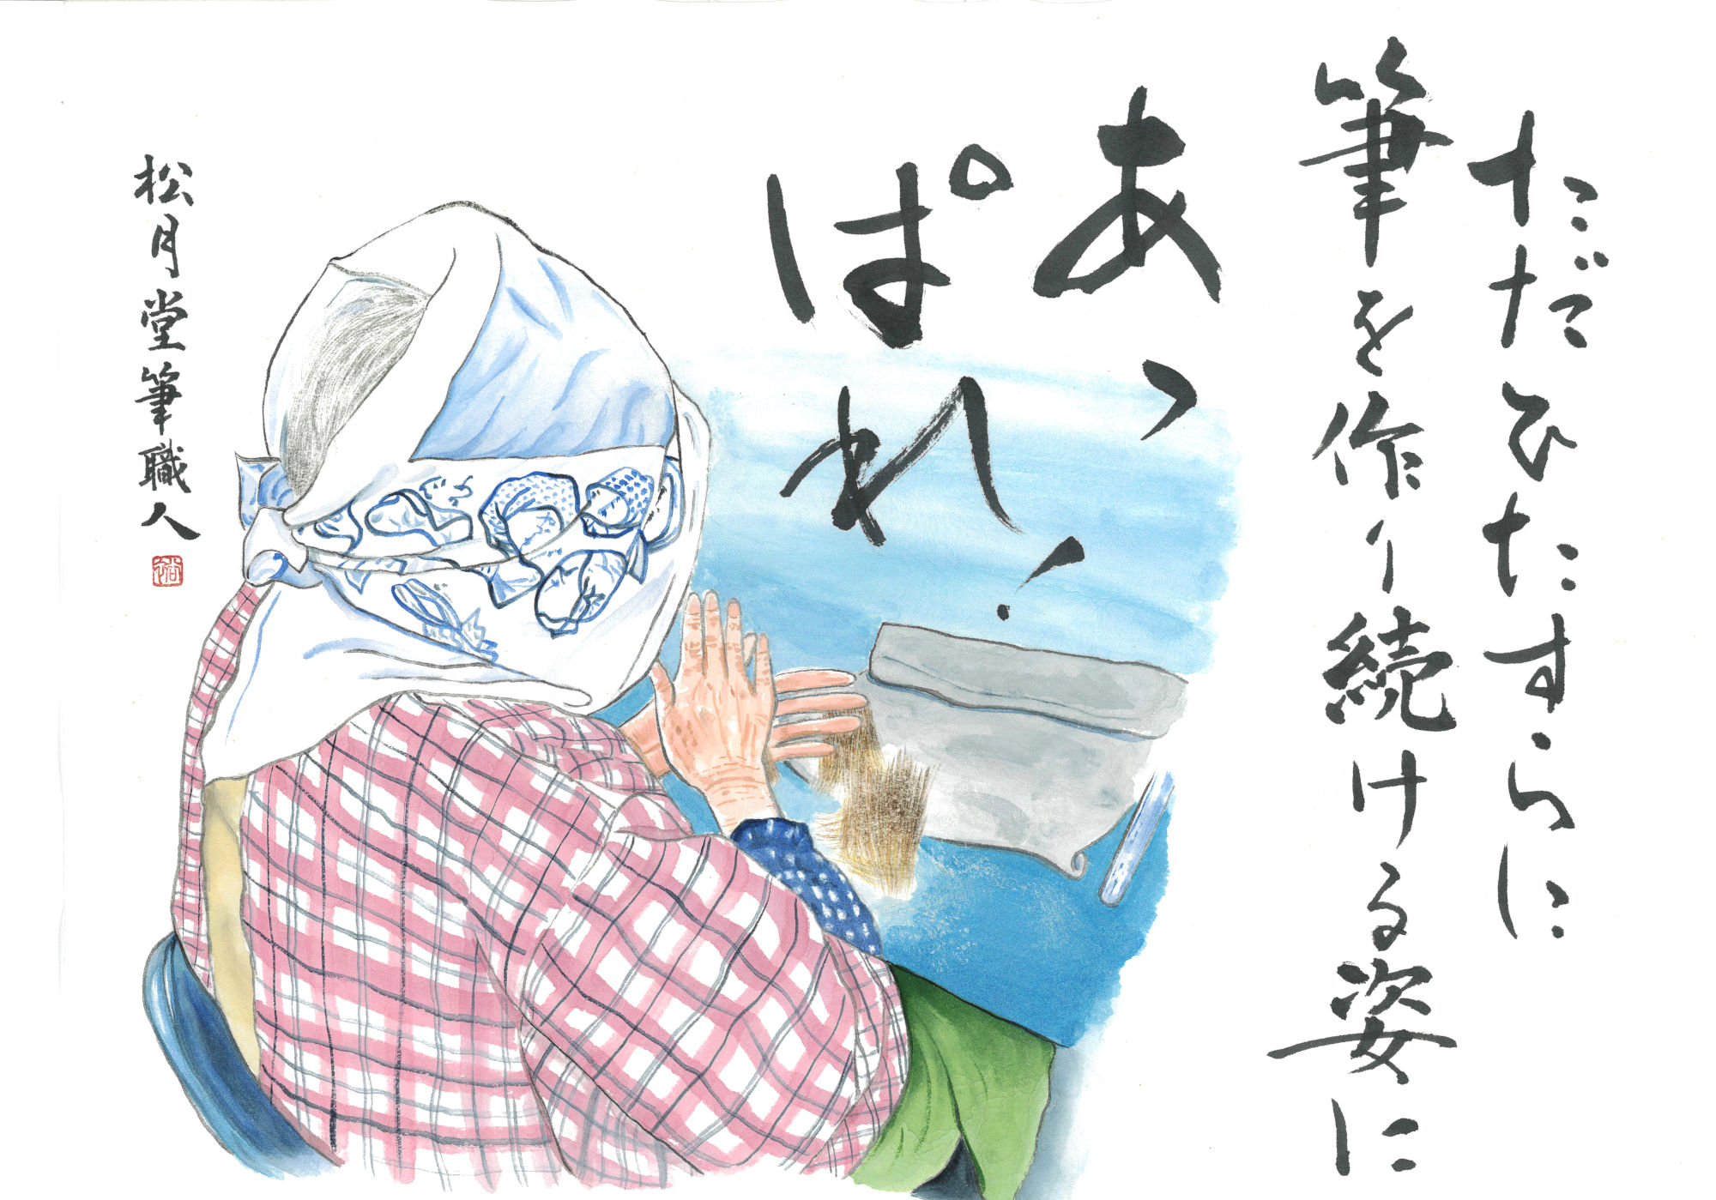 絵手紙_上野先生_松月堂筆職人